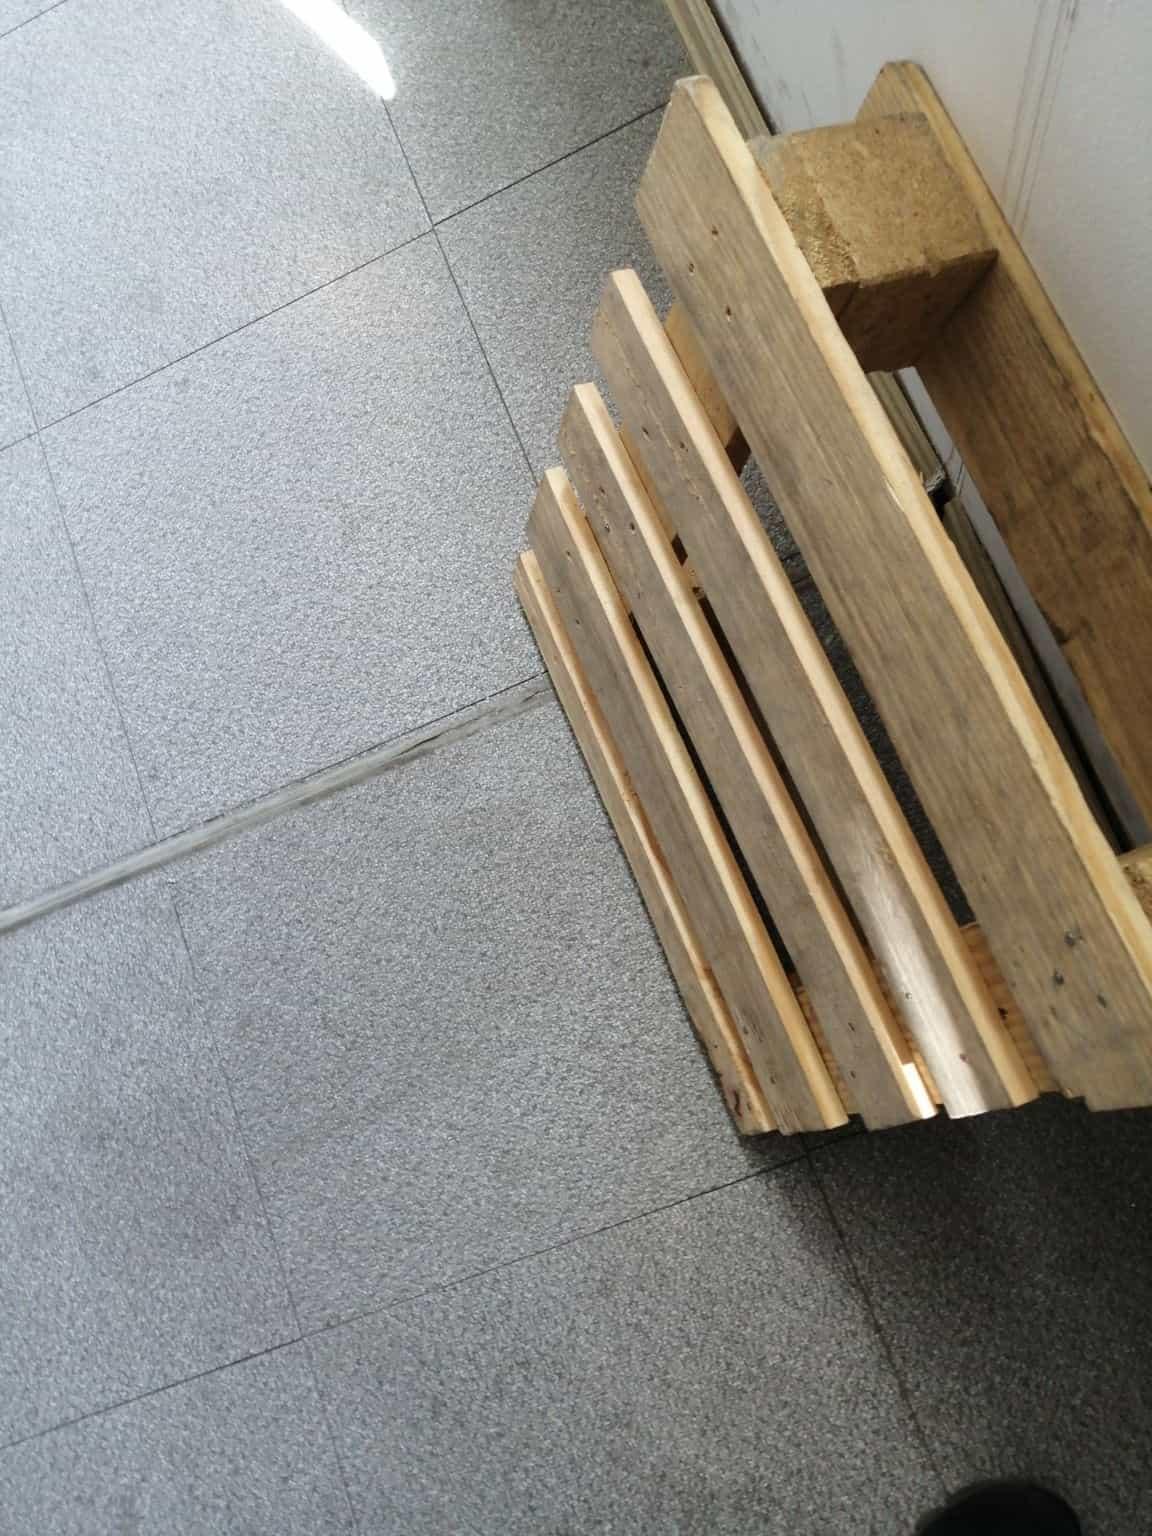 宜兴 木托盘-宜兴 木托盘批发、促销价�,✓✃╫ 、产地货源